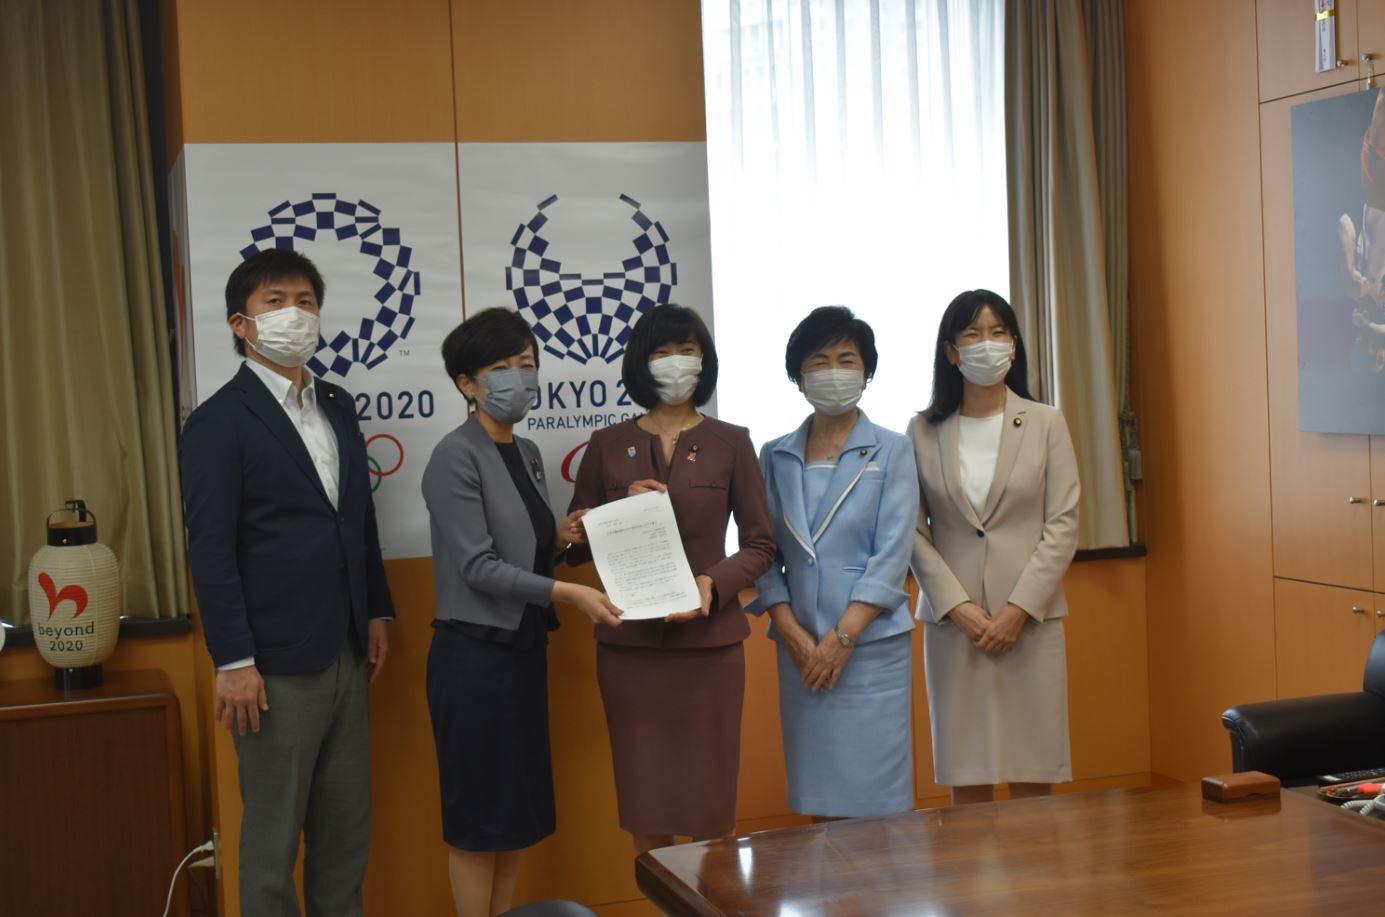 丸川女性活躍担当大臣へ申し入れ